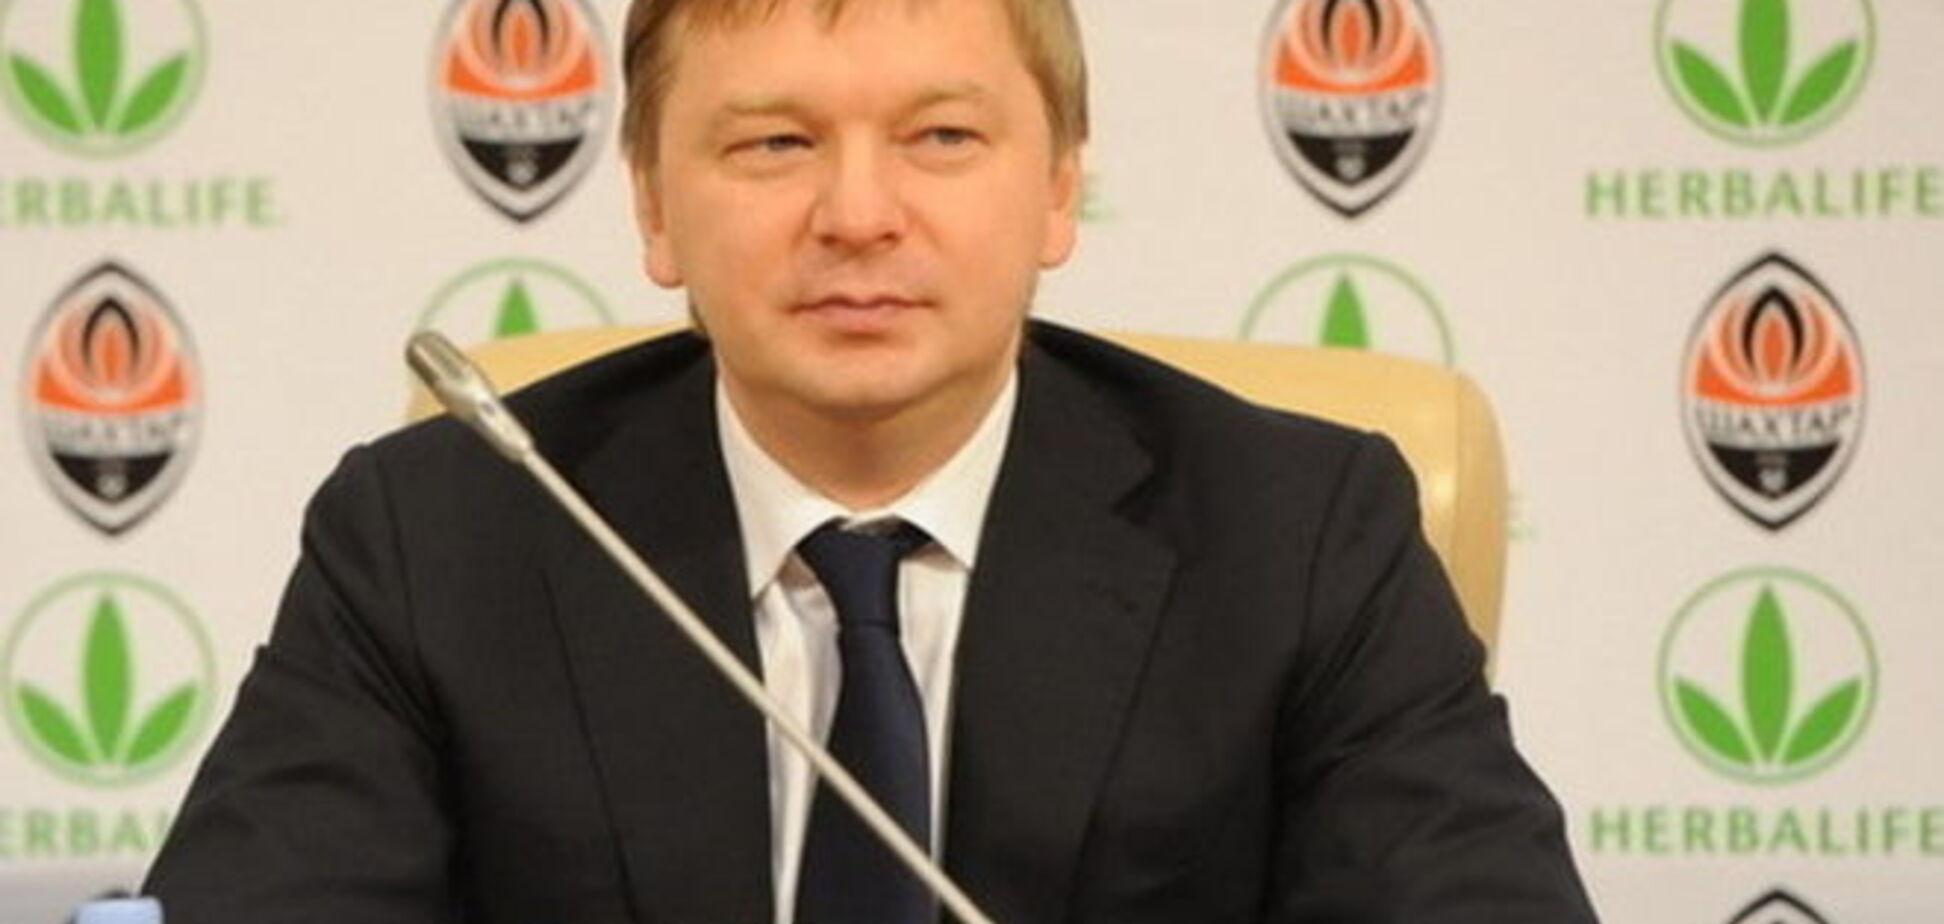 Генеральный директор 'Шахтера' назвал глобальную задачу клуба